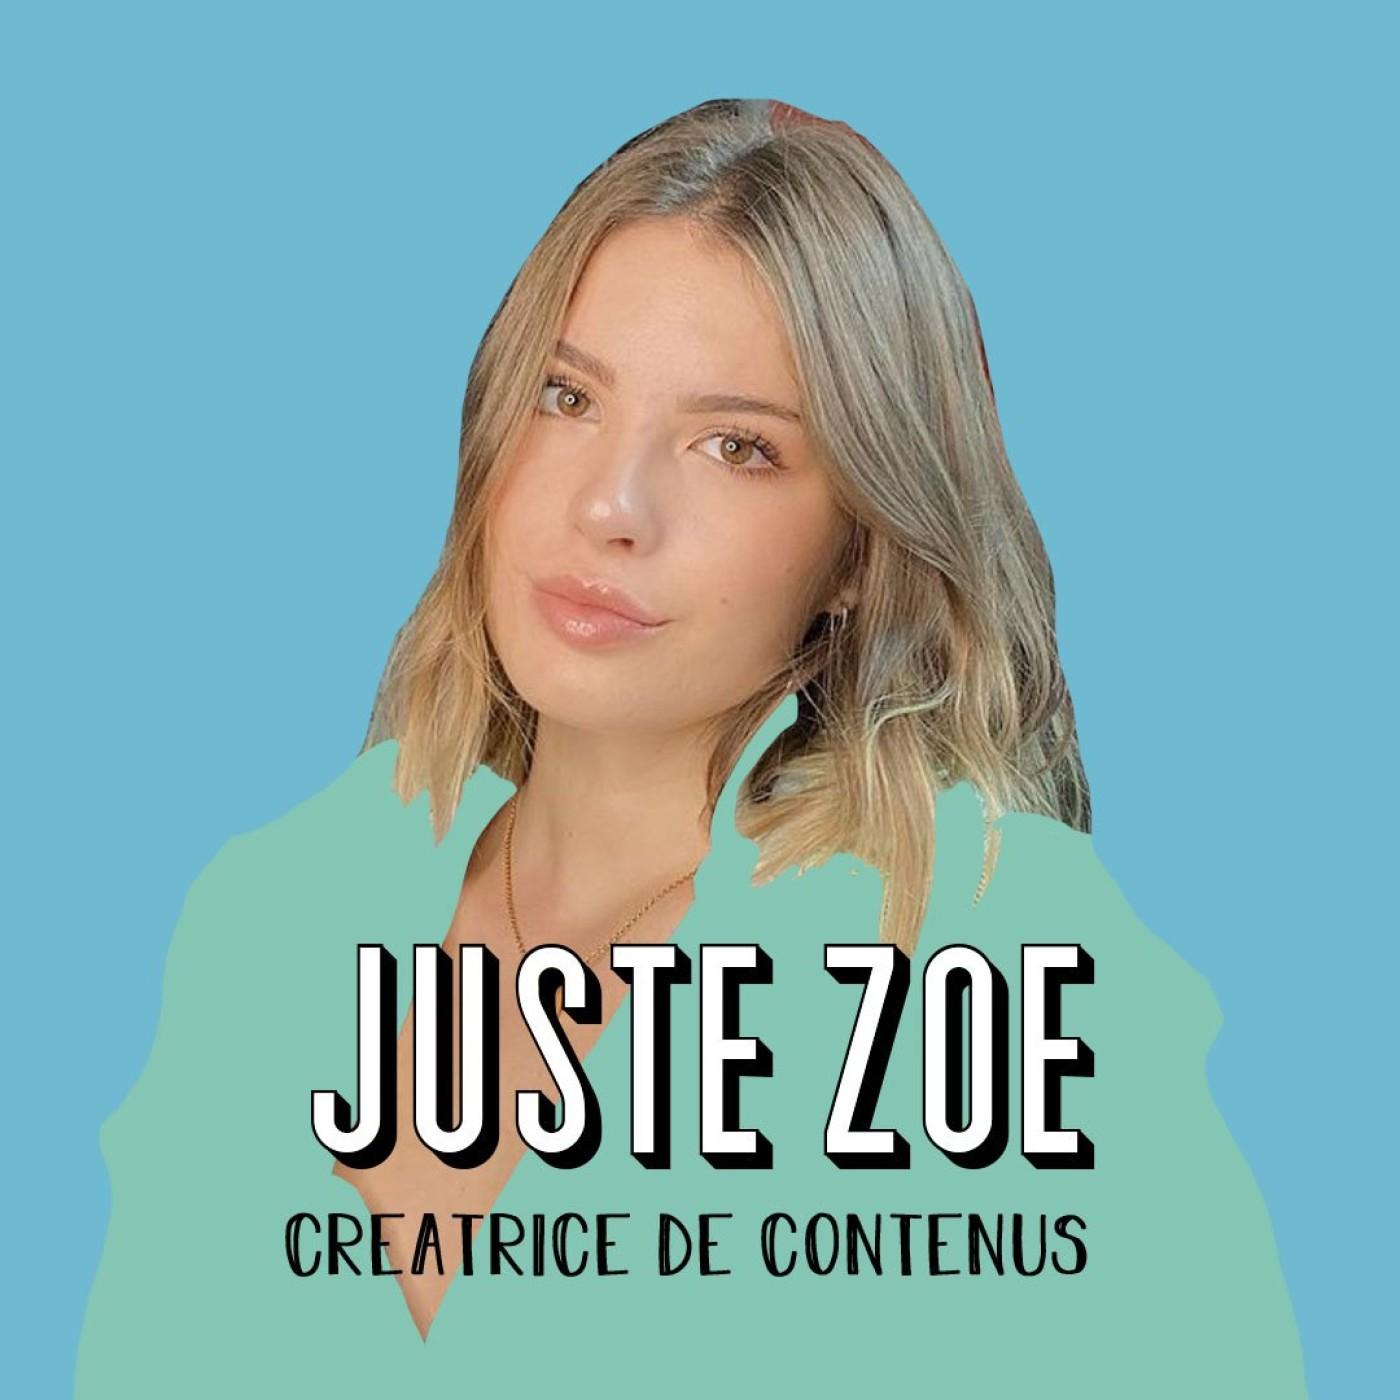 @JusteZoe, Créatrice de contenus - Savoir saisir les opportunités